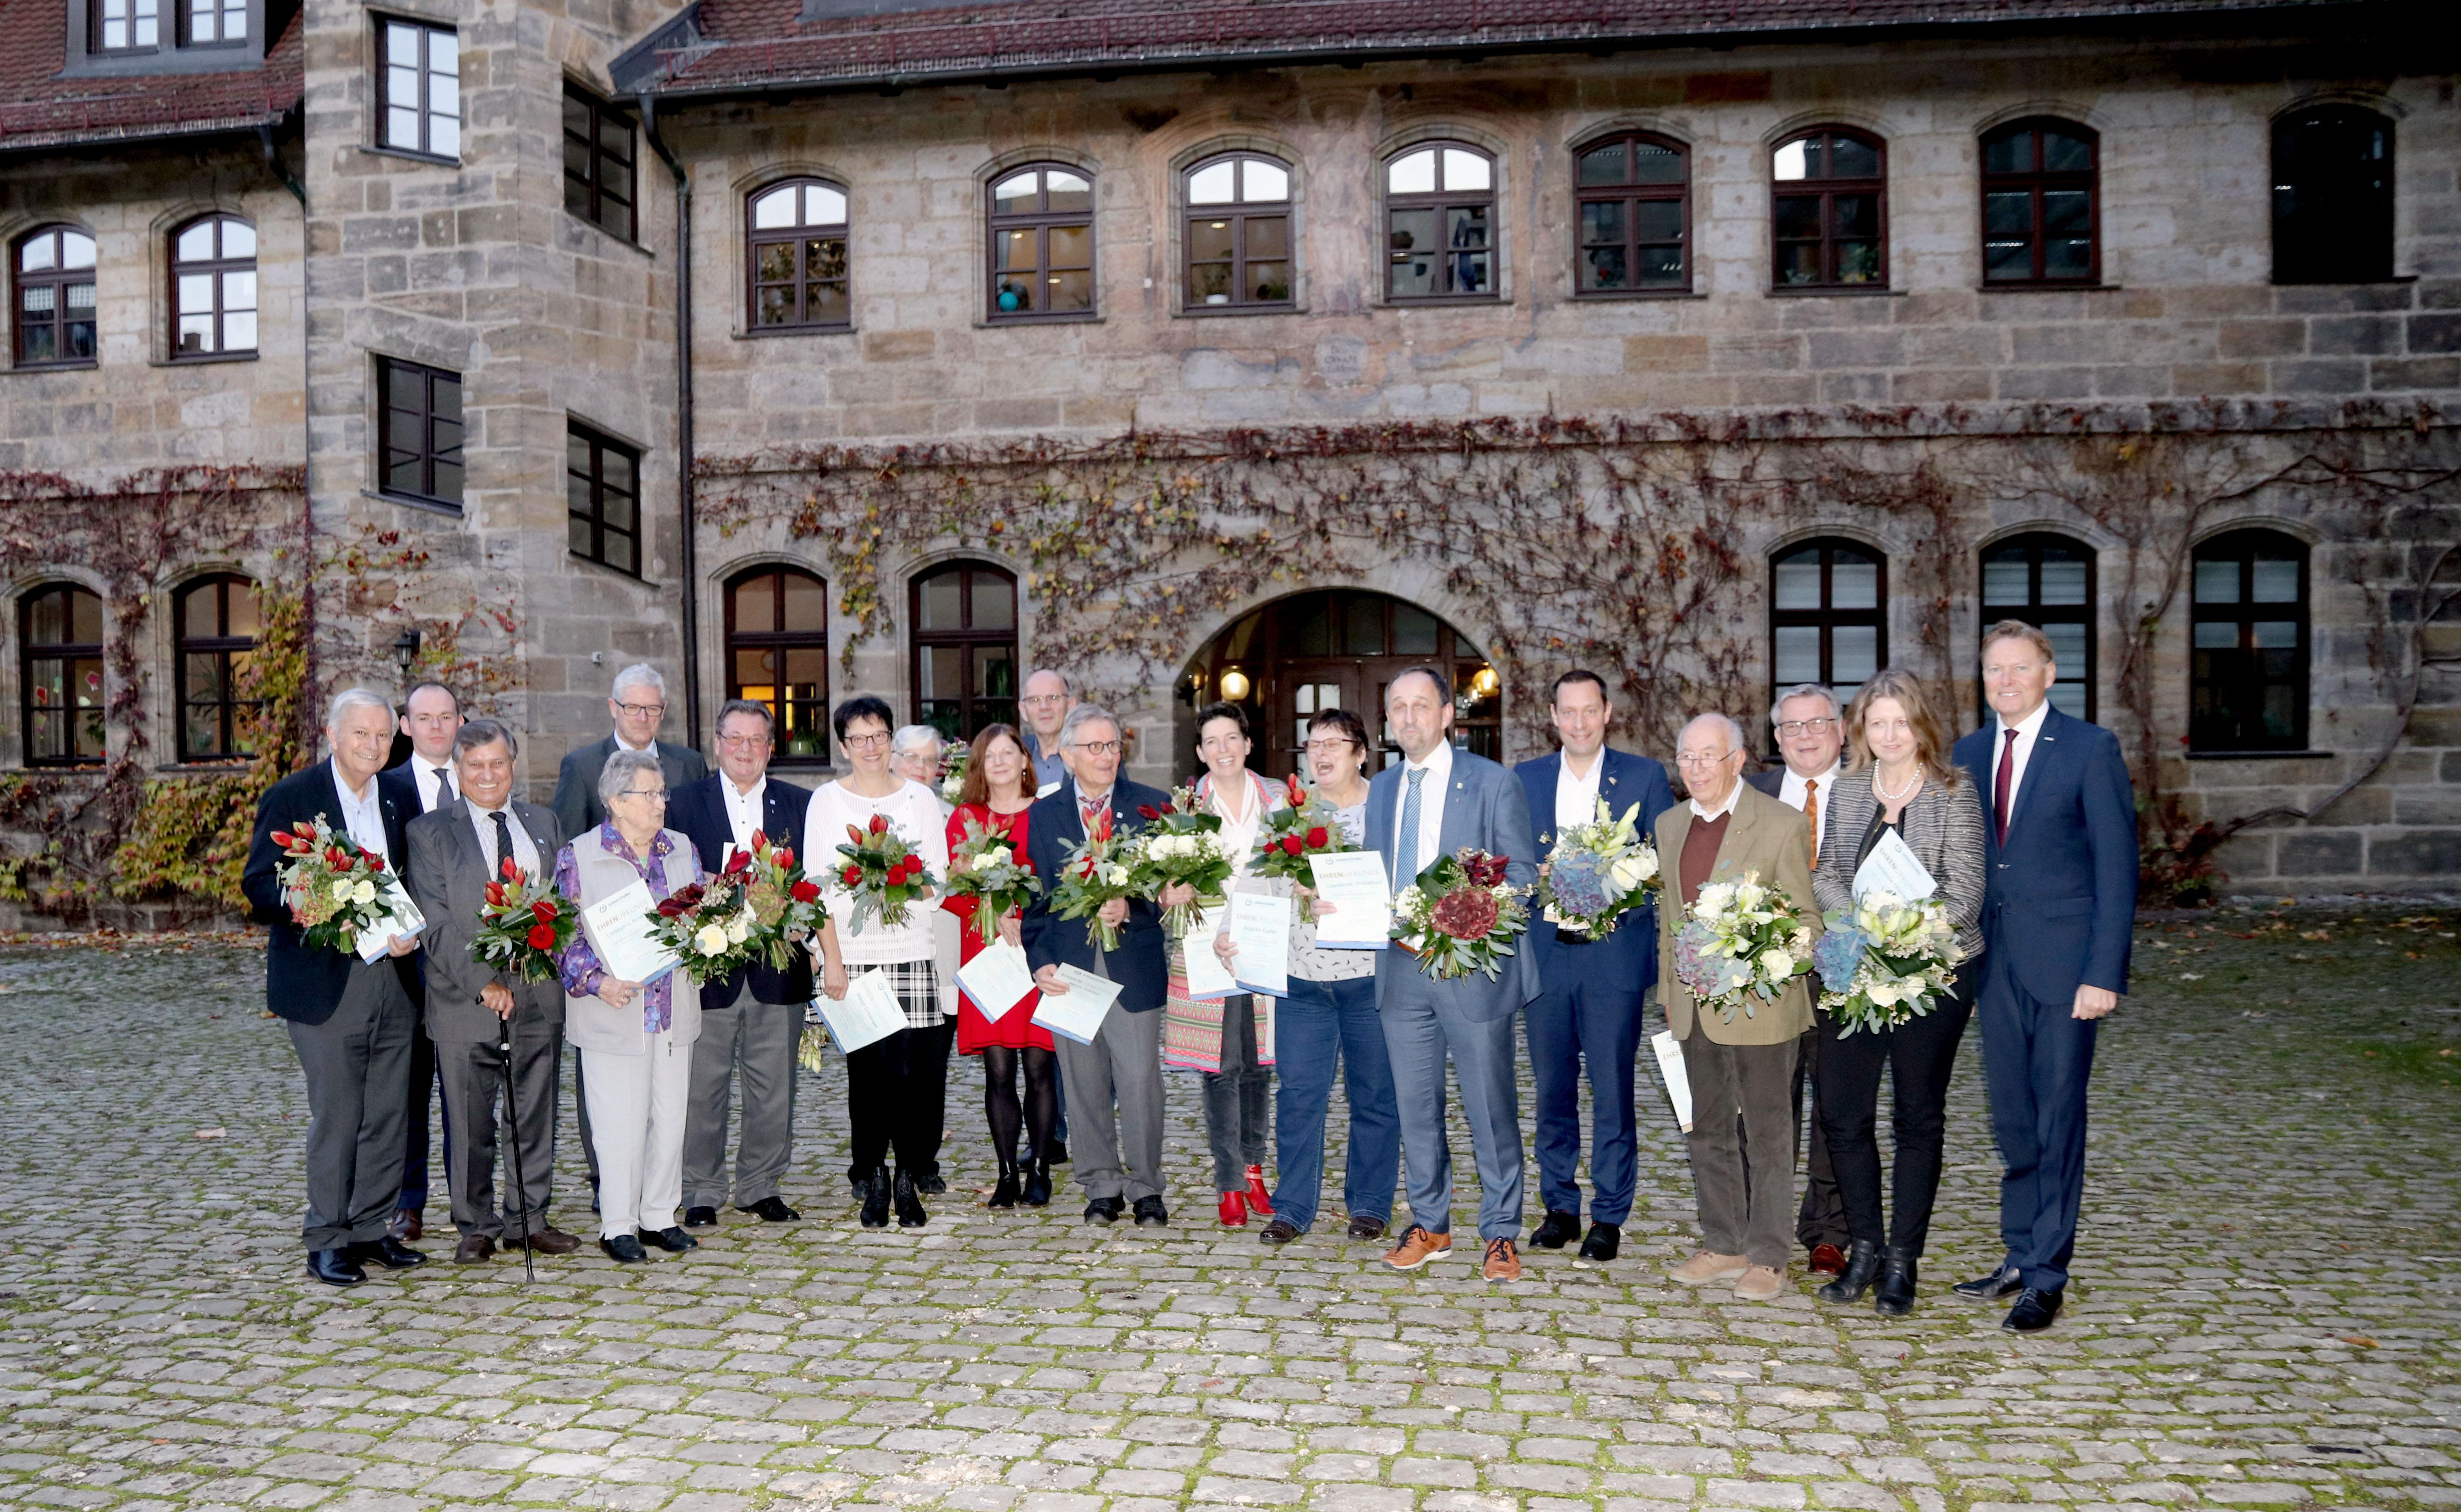 Ehrung langjähriger Mitglieder war Höhepunkt der Jubliäums-Jahreshauptversammlung Lebenshilfe Nürnberger Land